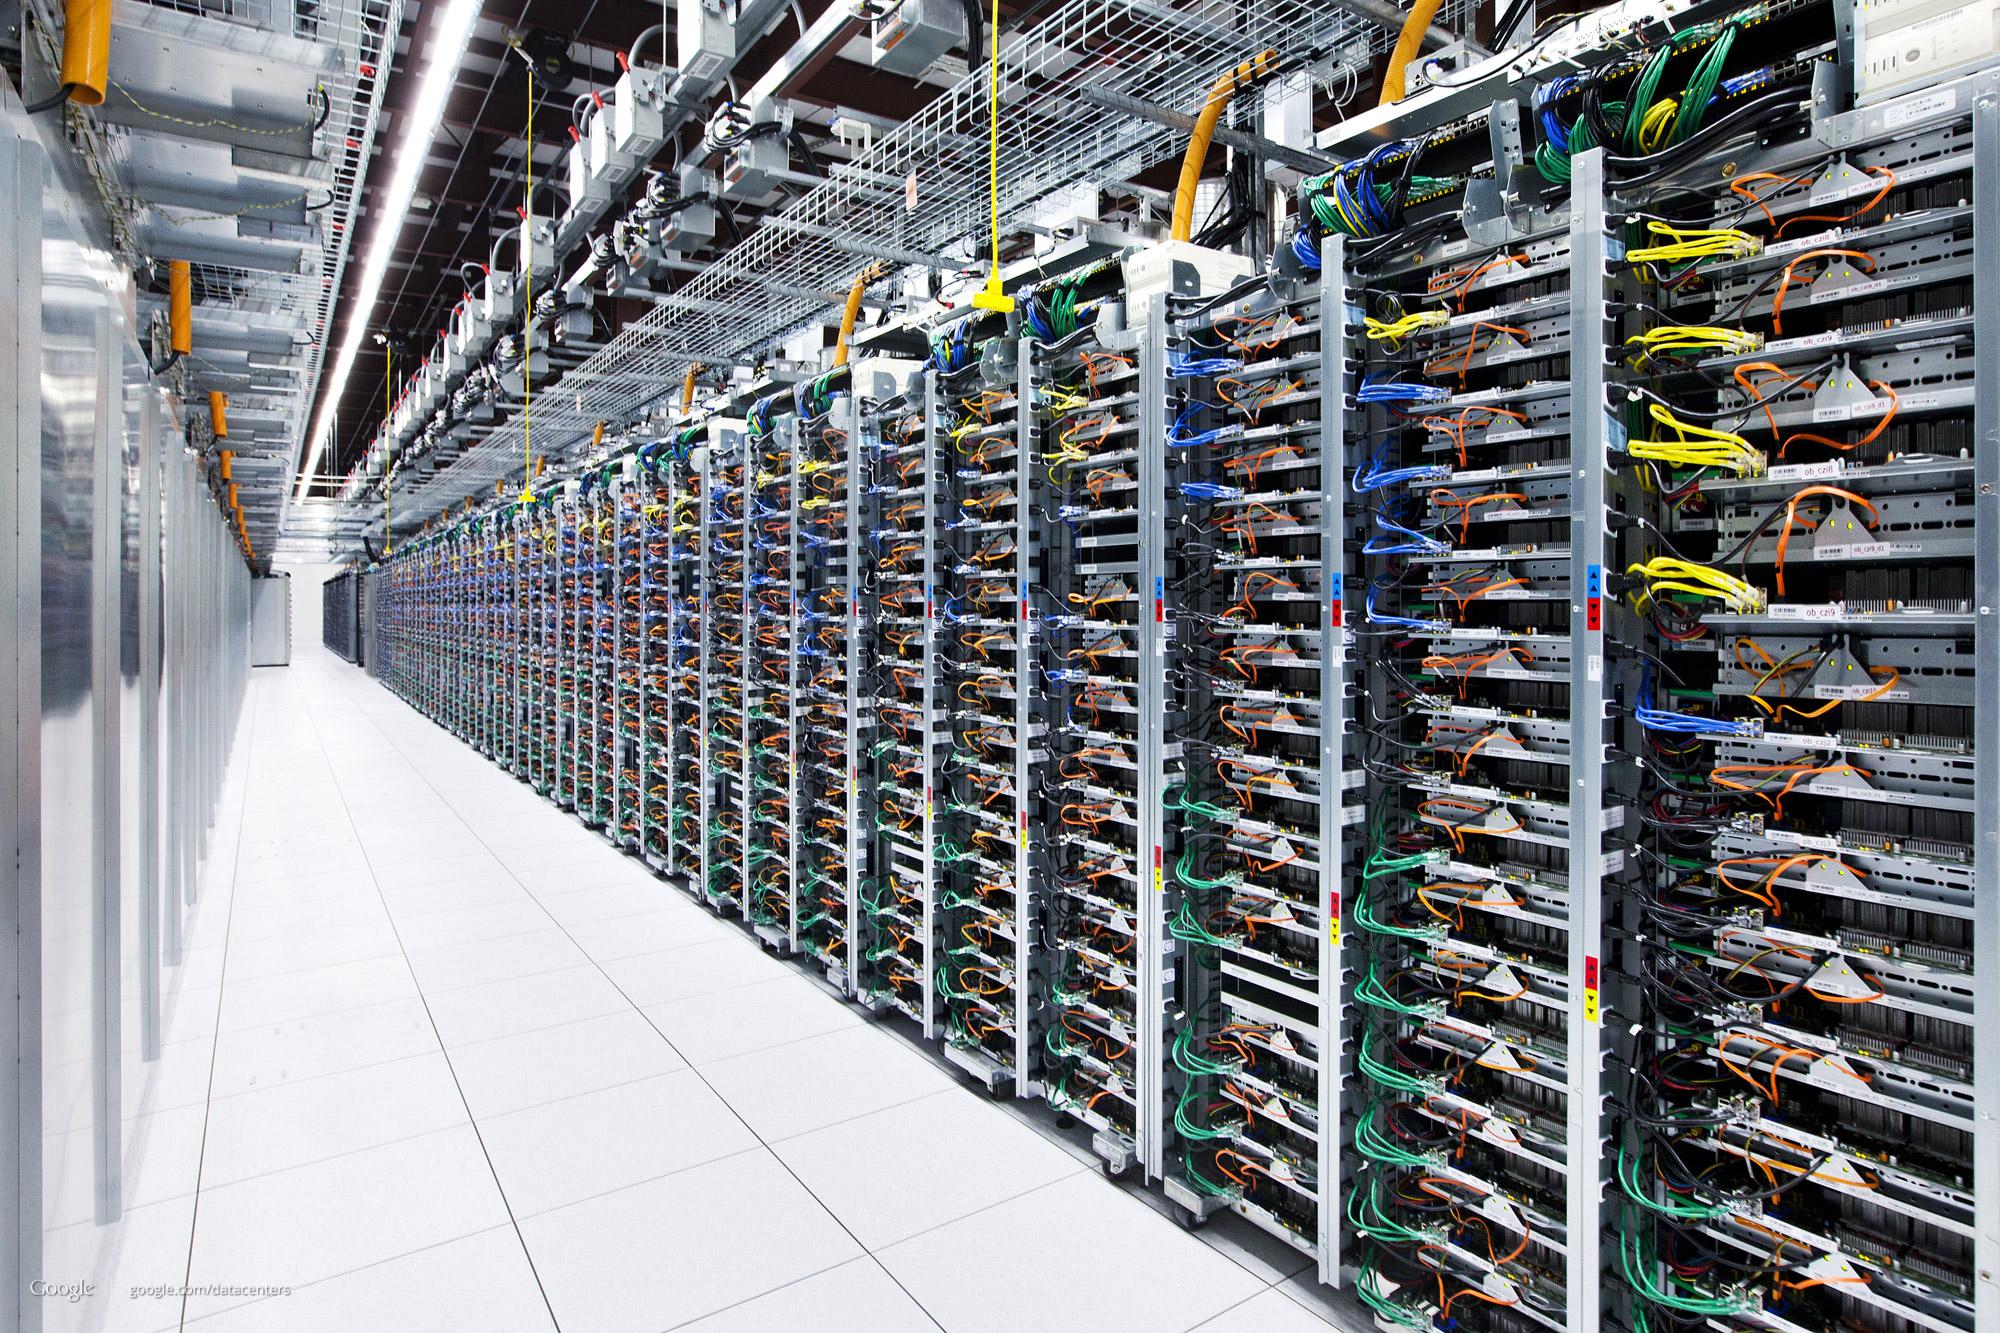 google-datacenter-tech-21.jpg